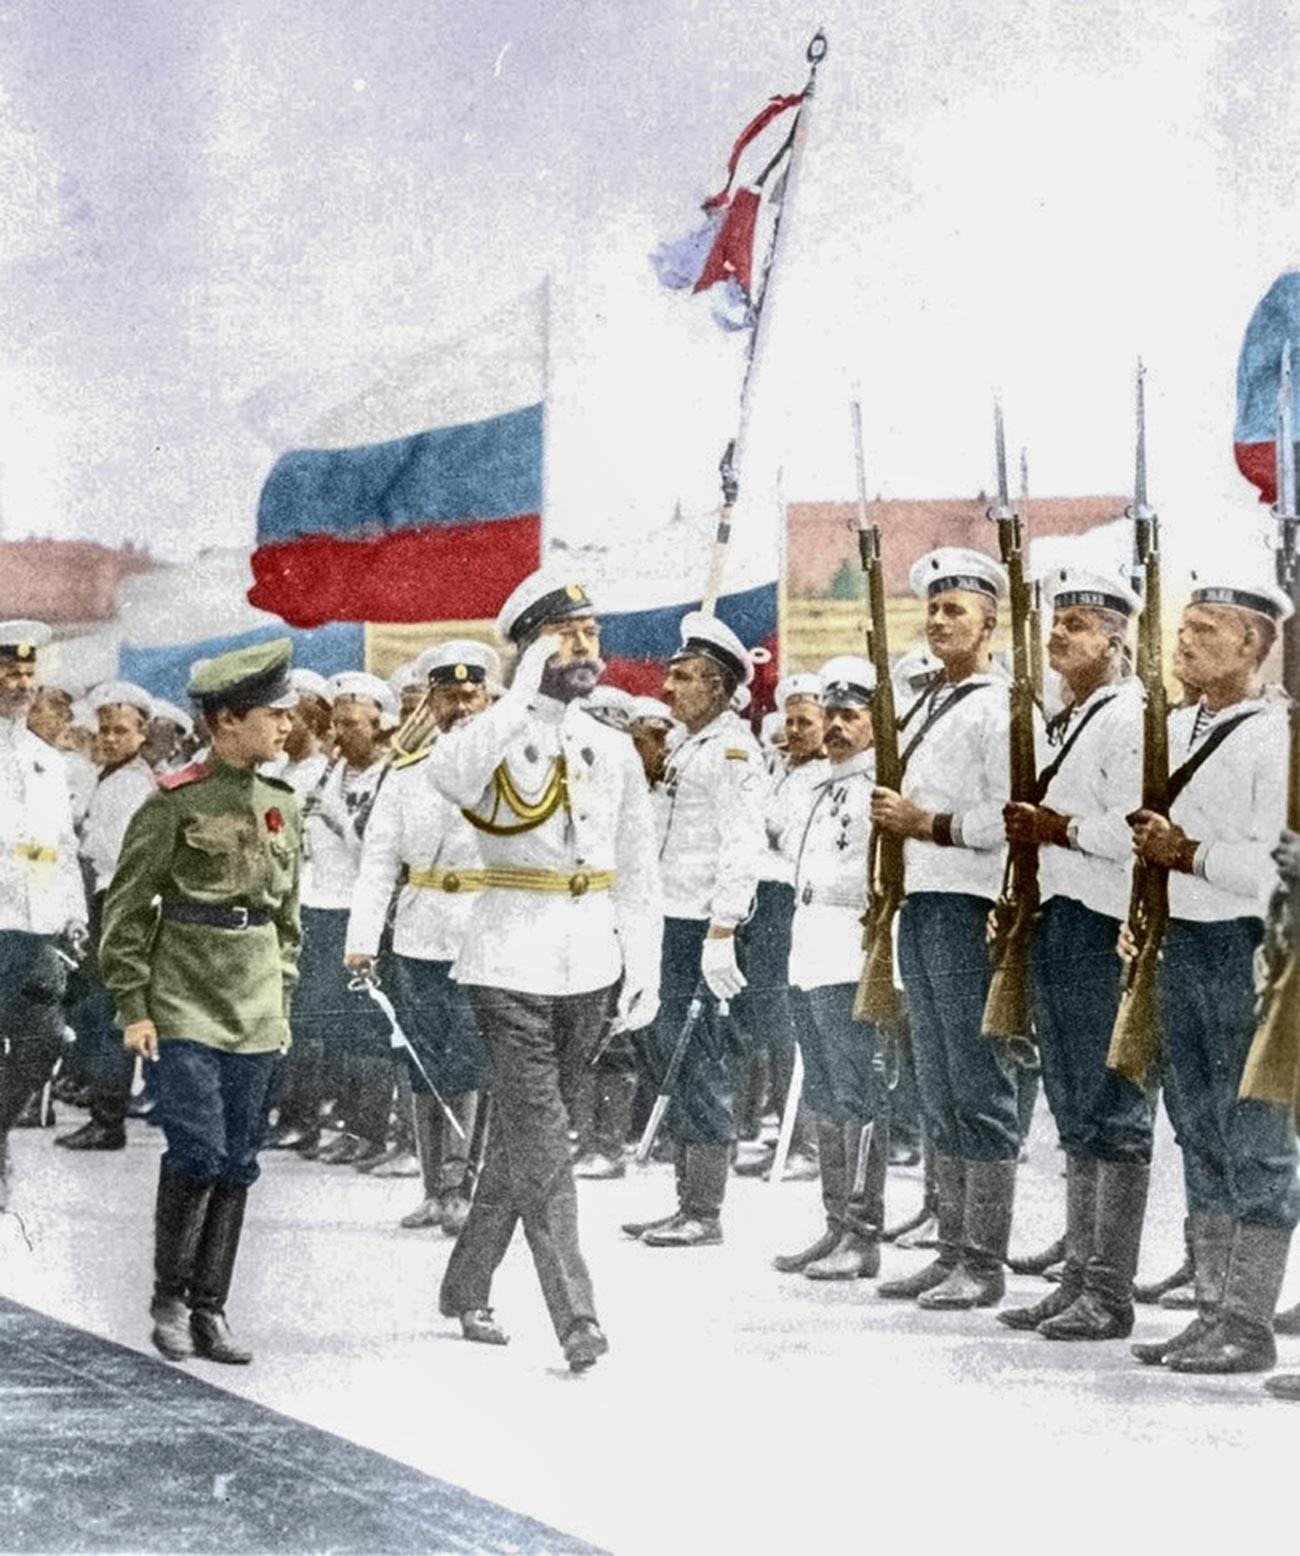 12. maja (29. aprila po starem štetju) 1896 je car Nikolaj II. uvedel brlo-modro-rdečo trobojnico kot uradno državno zastavo Rusije.